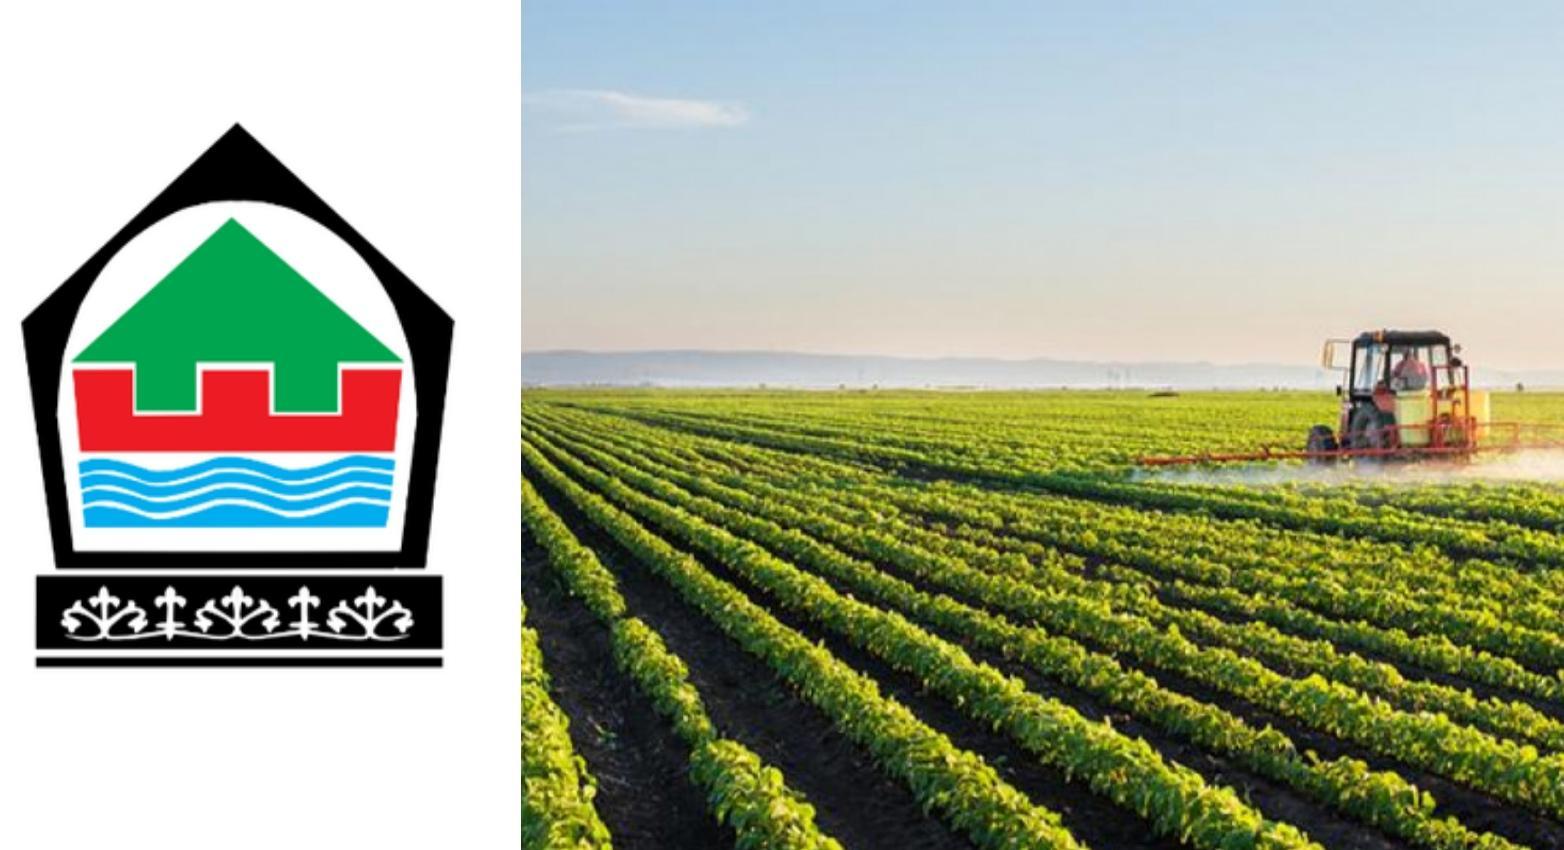 Pozitivni trendovi kakanjske poljoprivrede: Zabilježen rast proljetne sjetve po hektarima, odobreno 105 prijava za unapređenje biljne proizvodnje, povećane površine pod plasteničkom prozvodnjom